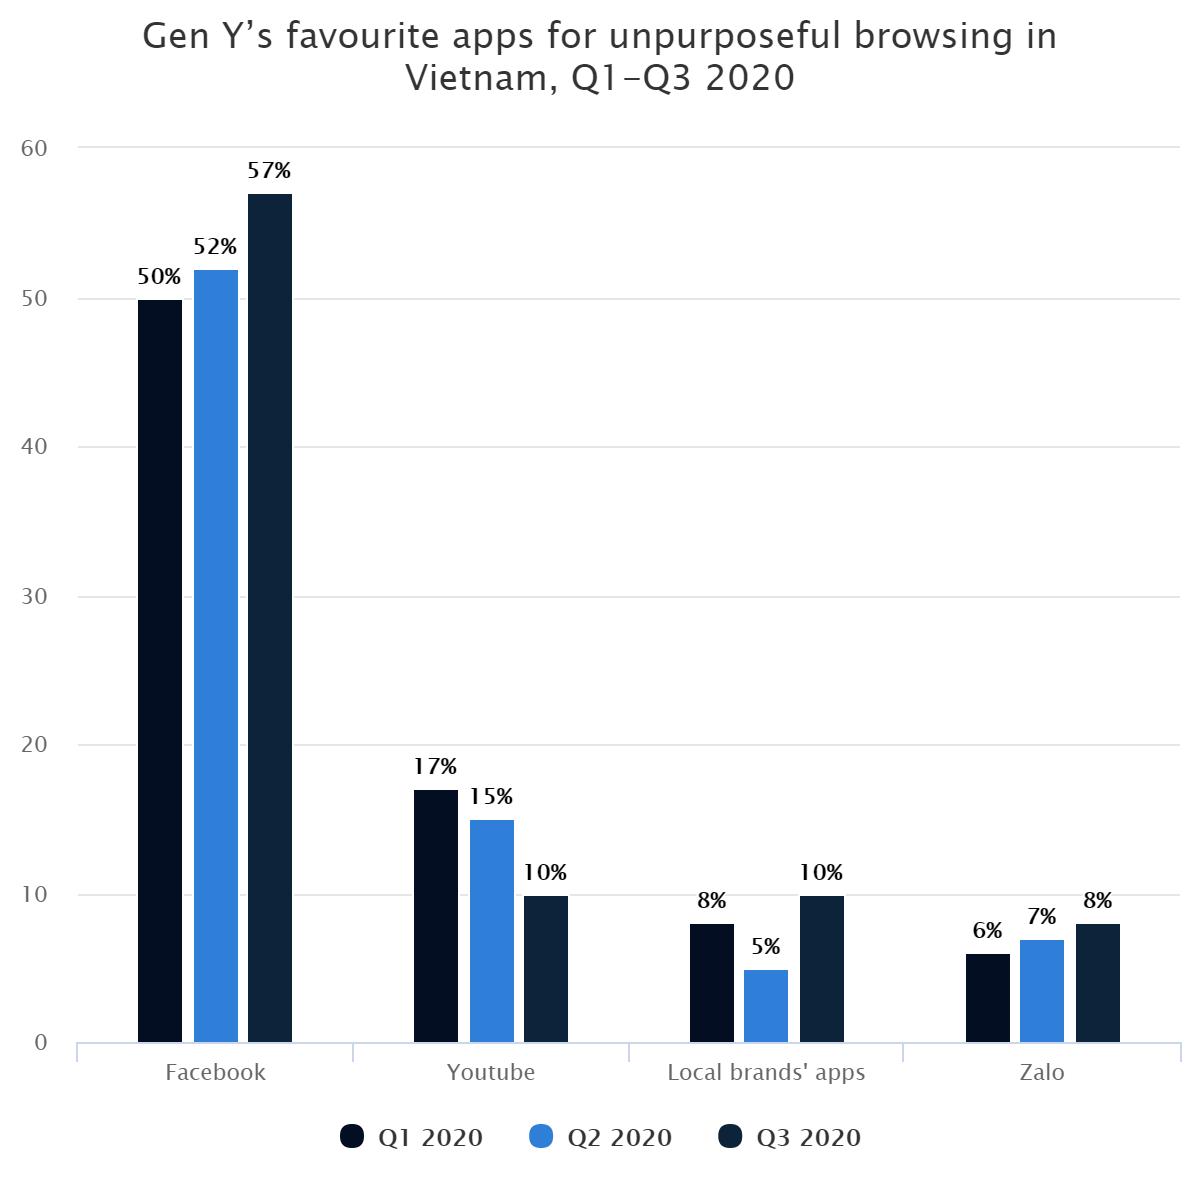 Gen Y's favourite apps for unpurposeful browsing in Vietnam, Q1-Q3 2020